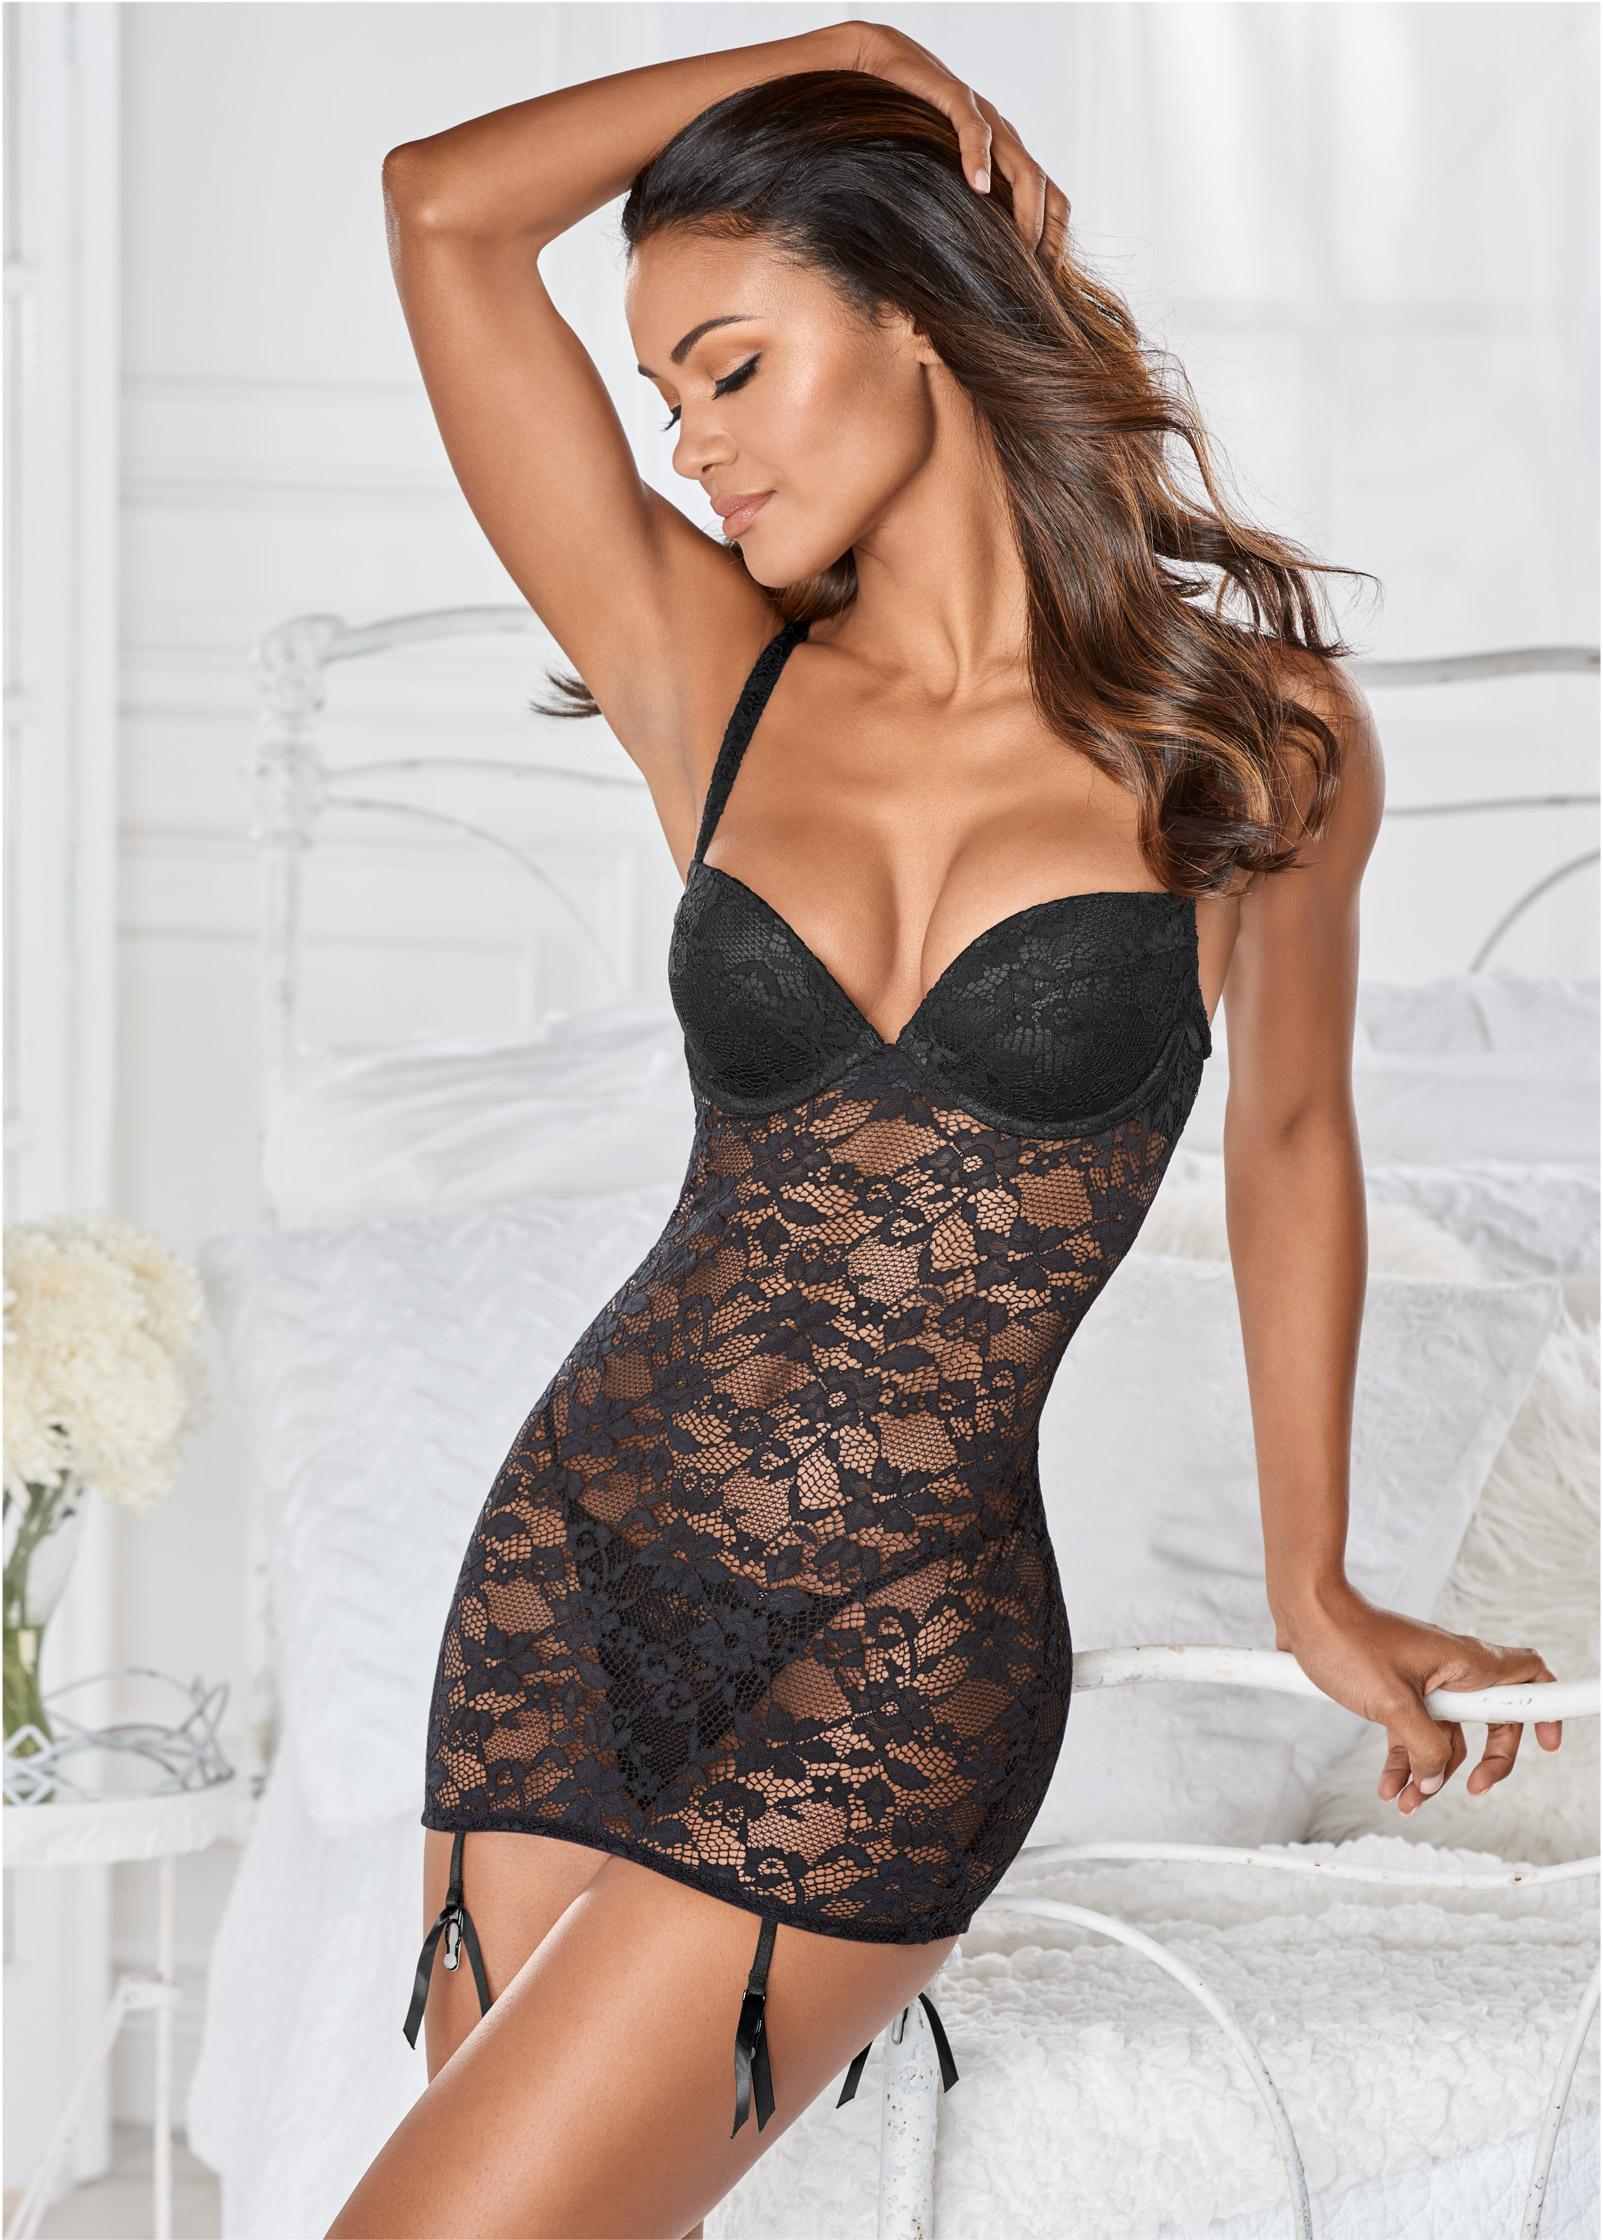 Sexy lingerie catalog